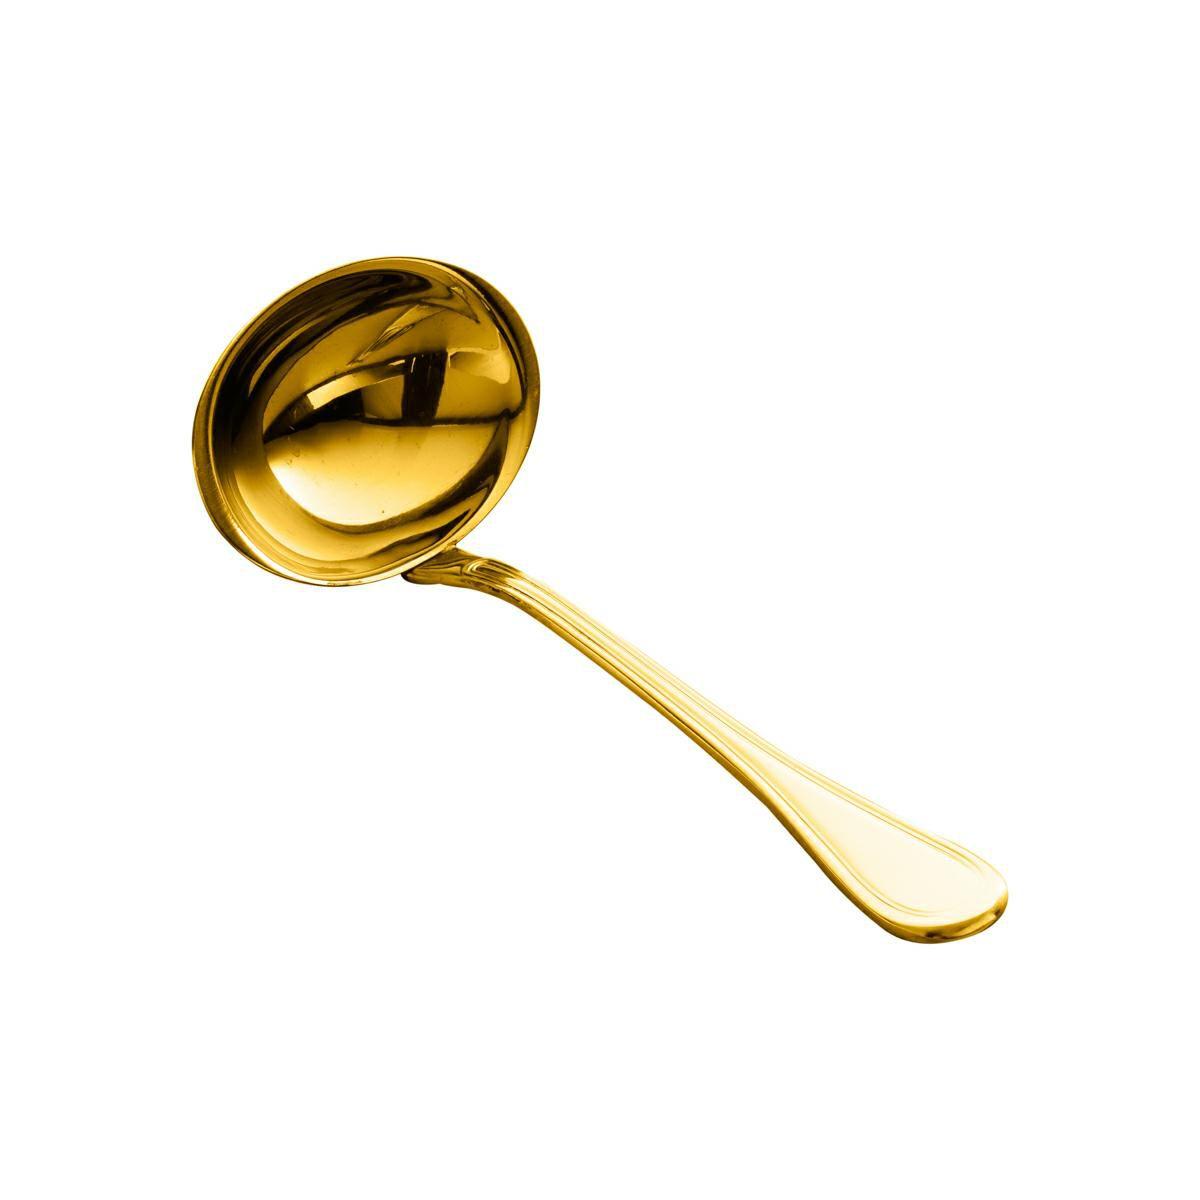 Concha para molho de aço inox PVD dourado Avalon Wolff - 71215